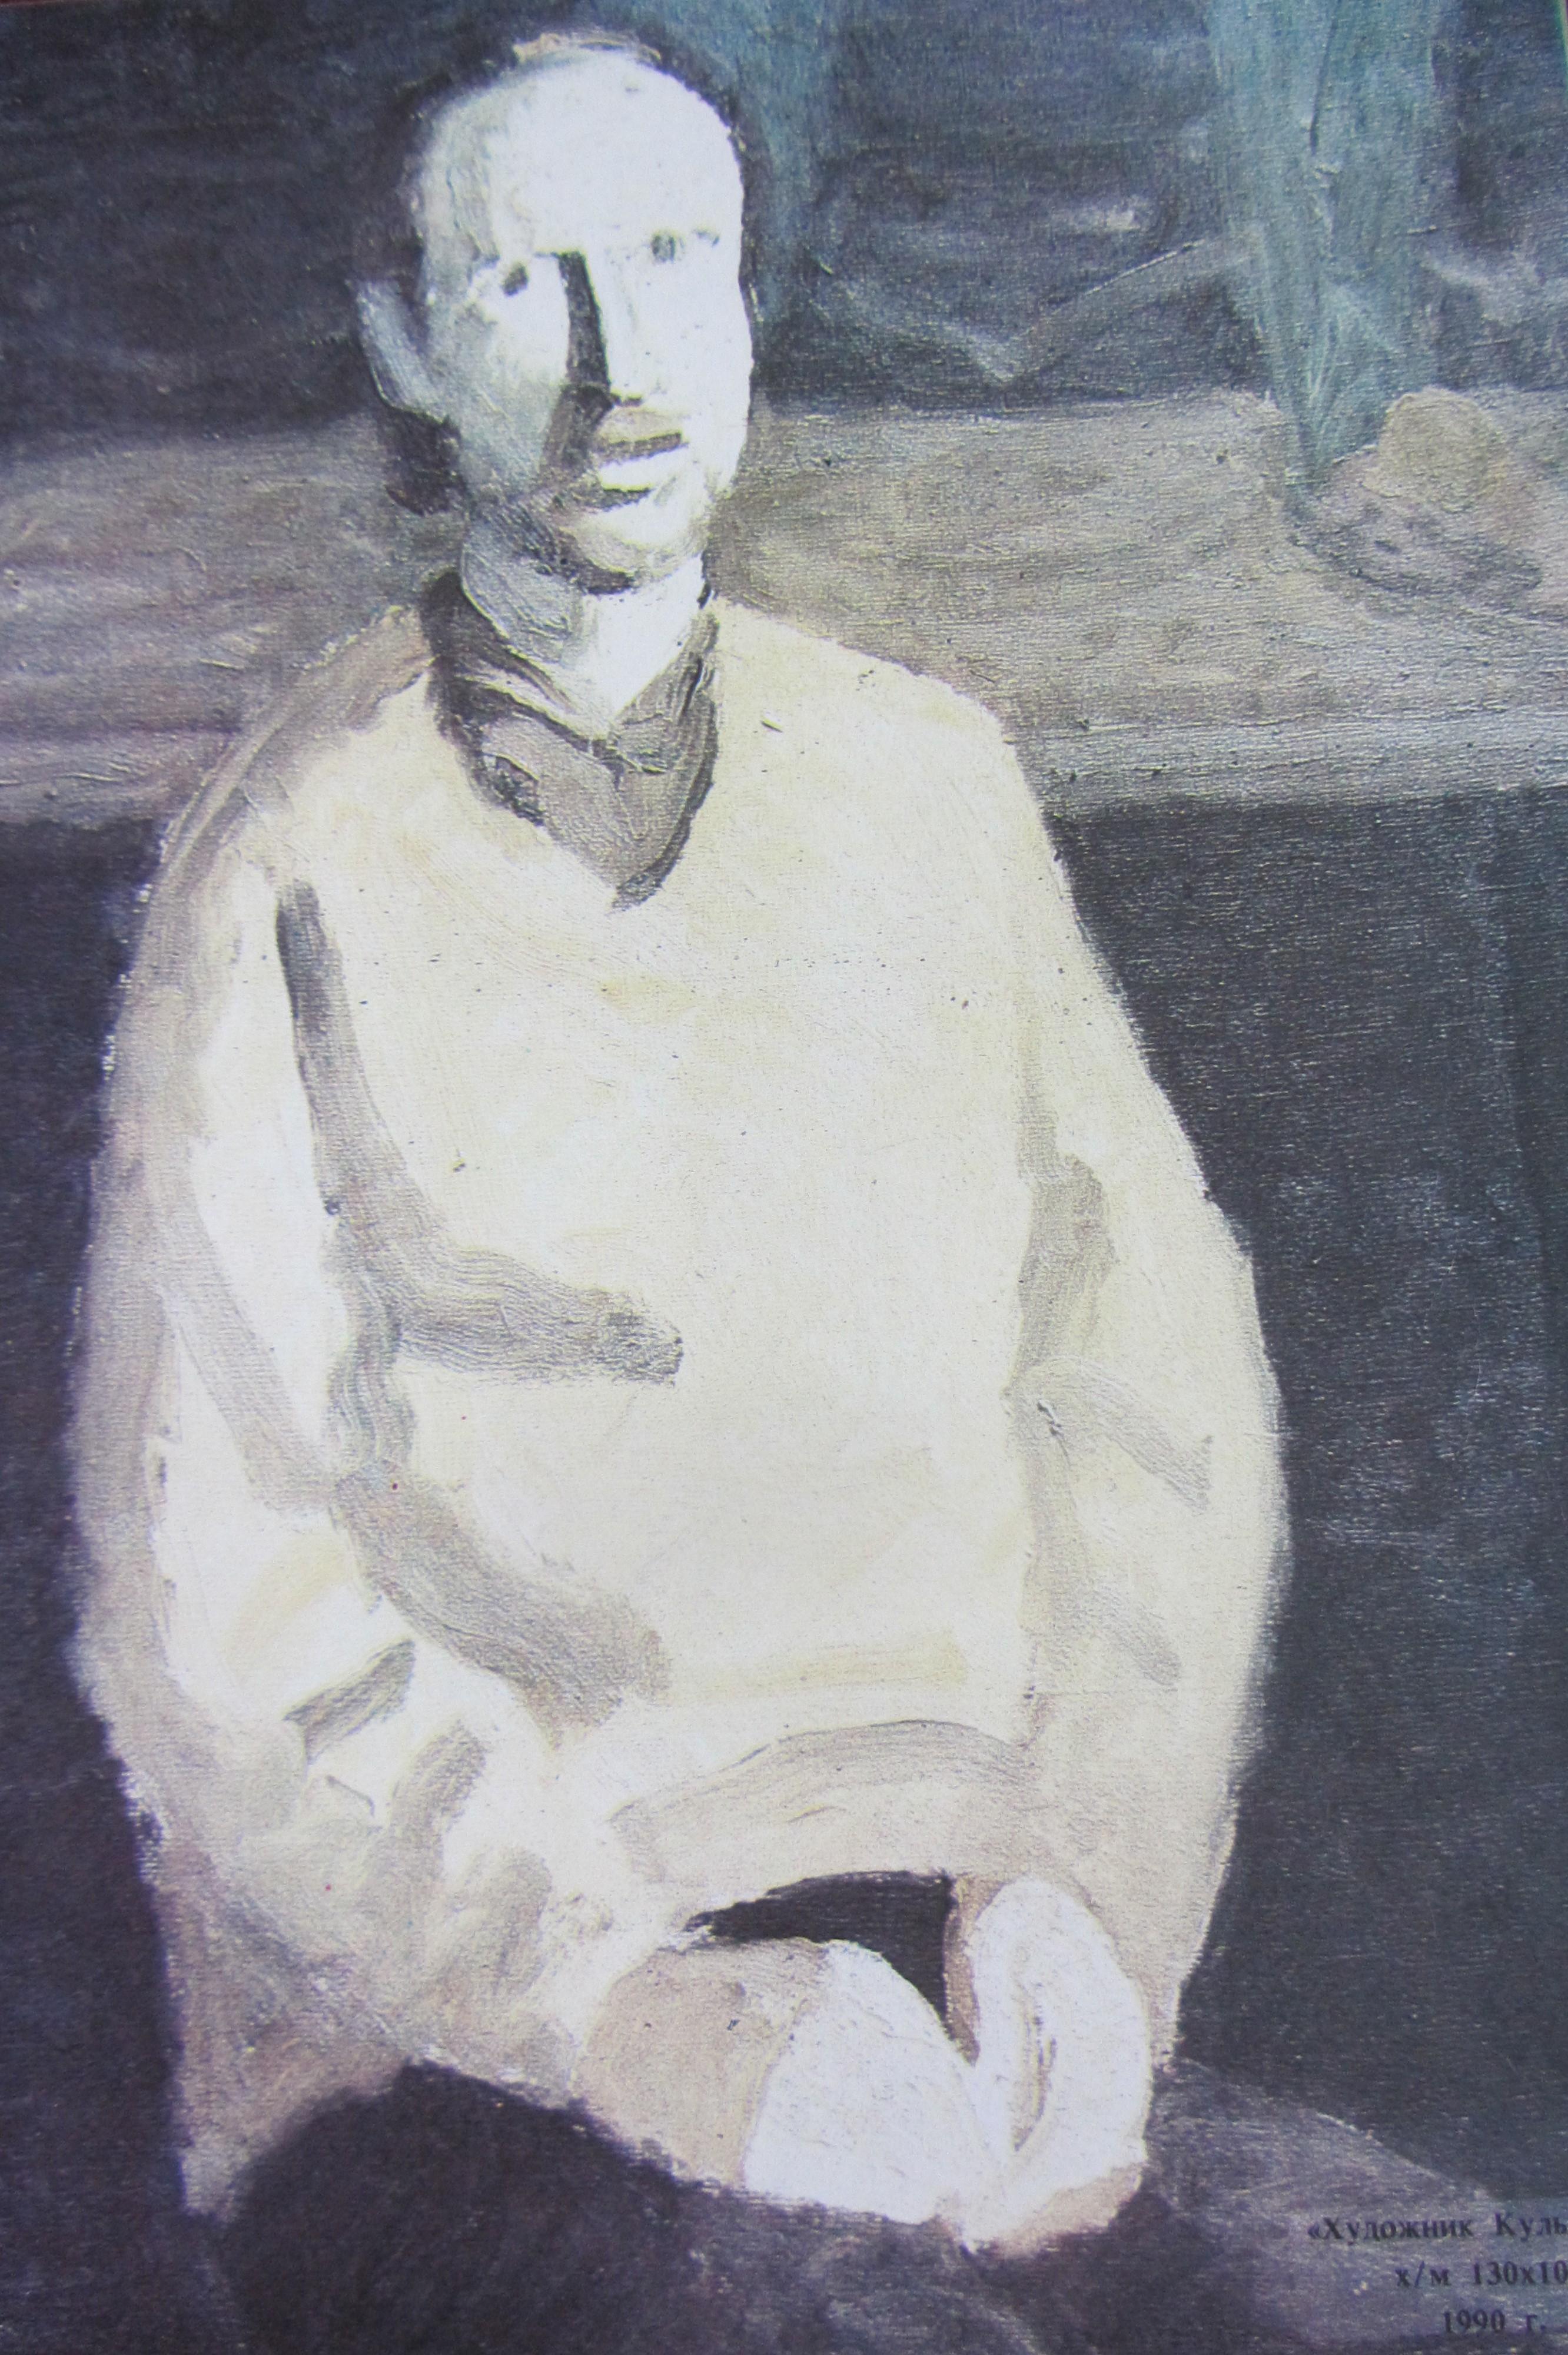 Портрет художника Кульченко. Автор: Тимофей Теряев. Холст, масло, 100 х 130. 1990 год